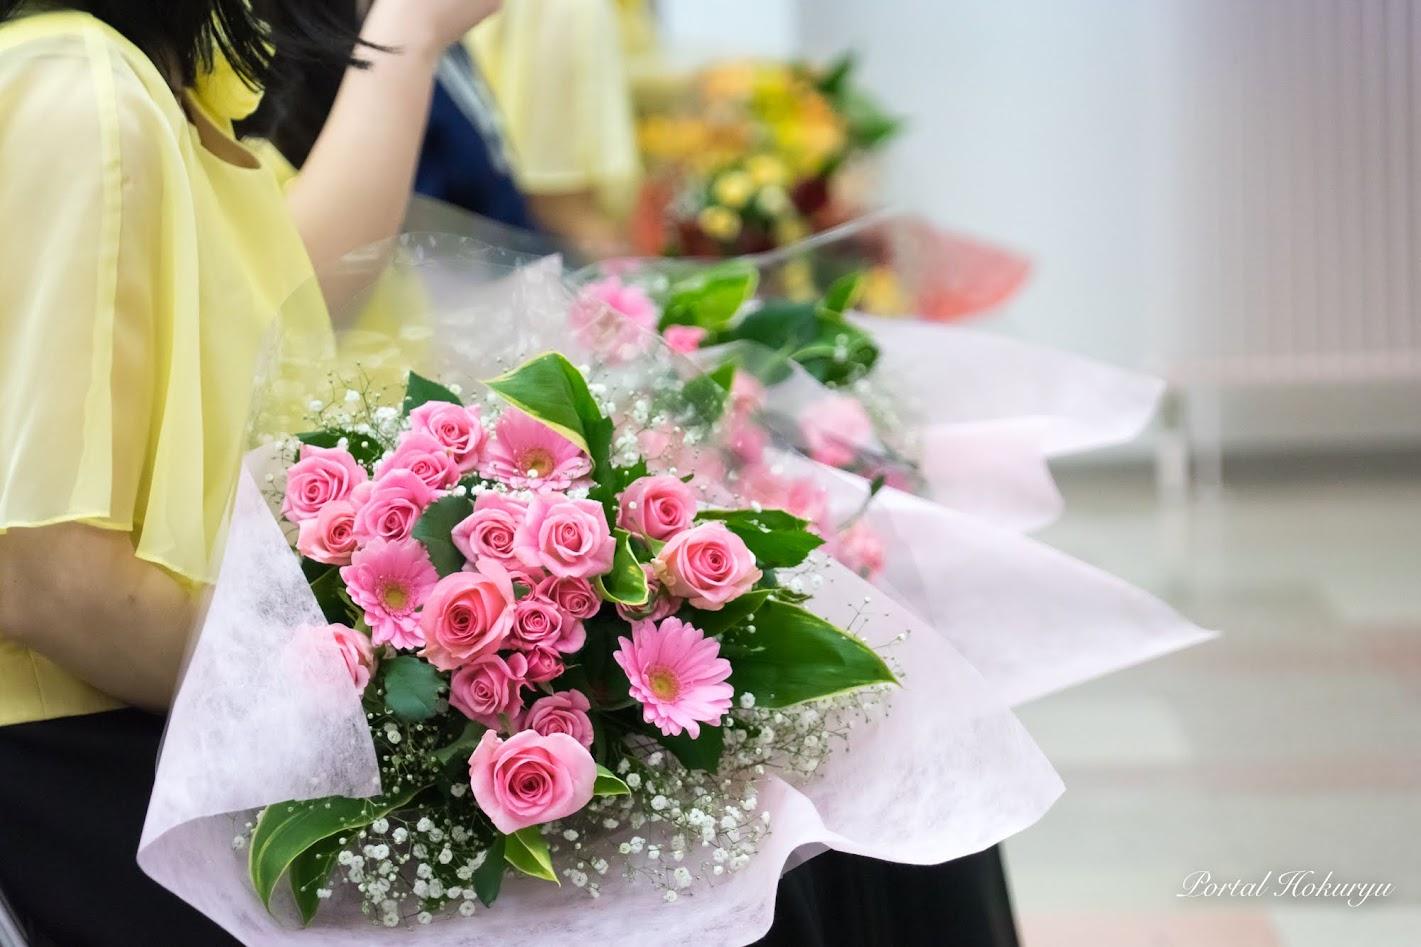 出番を待つ花束